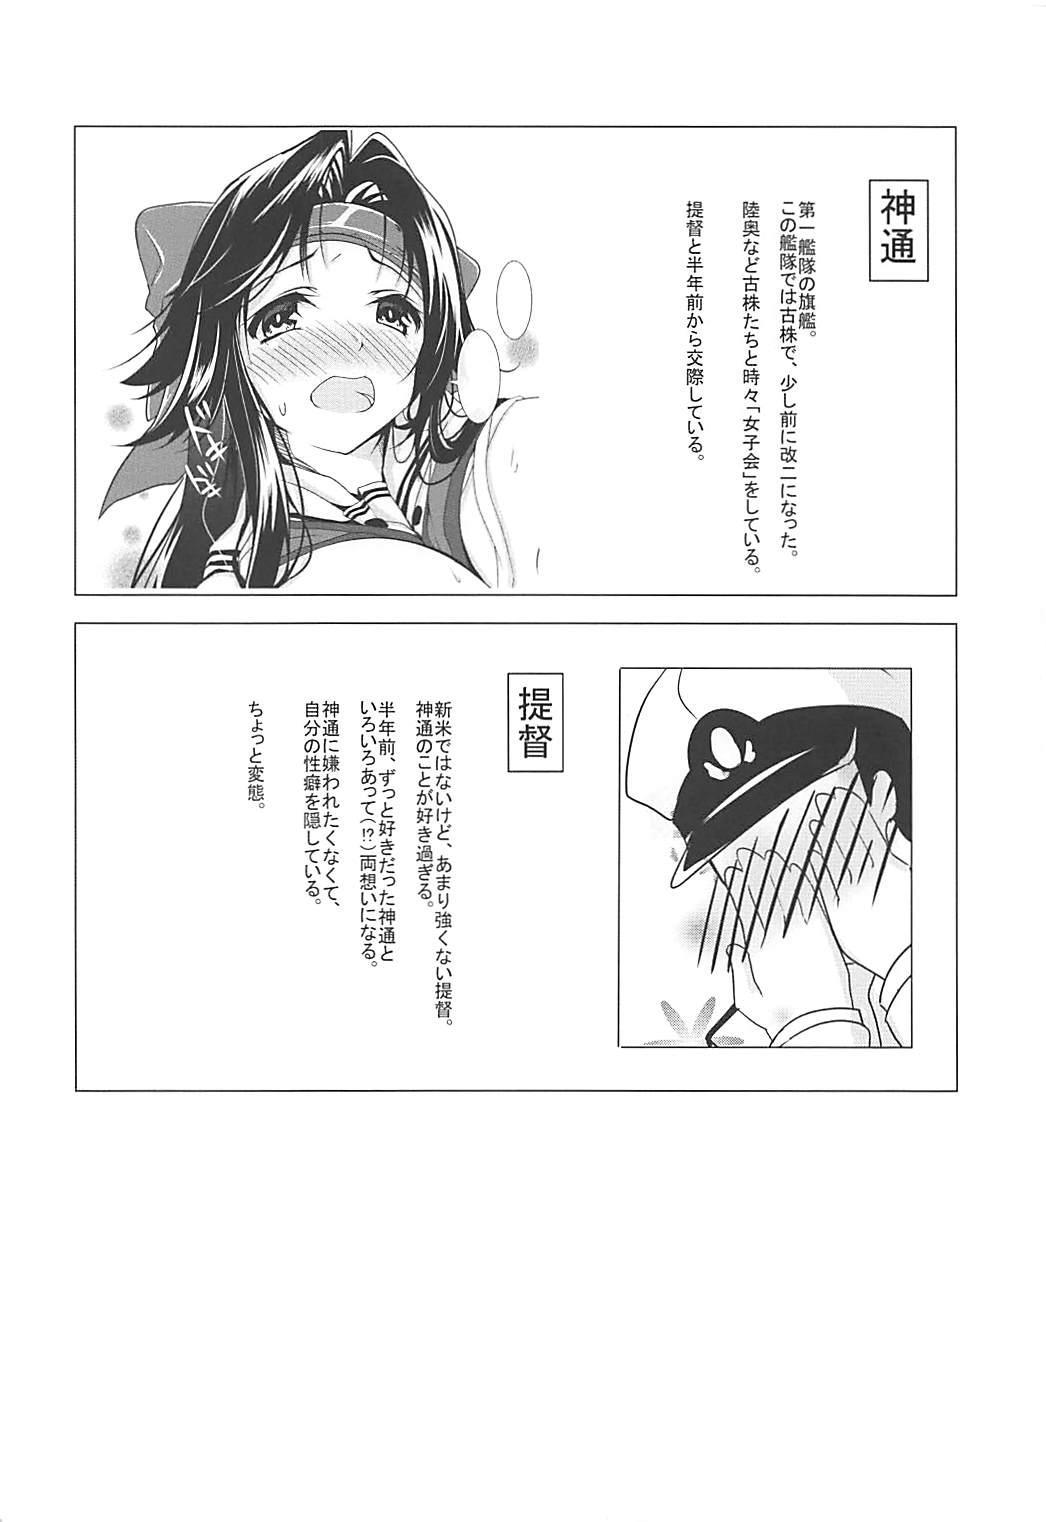 Jintsuu to Arekore Shitai!! 2